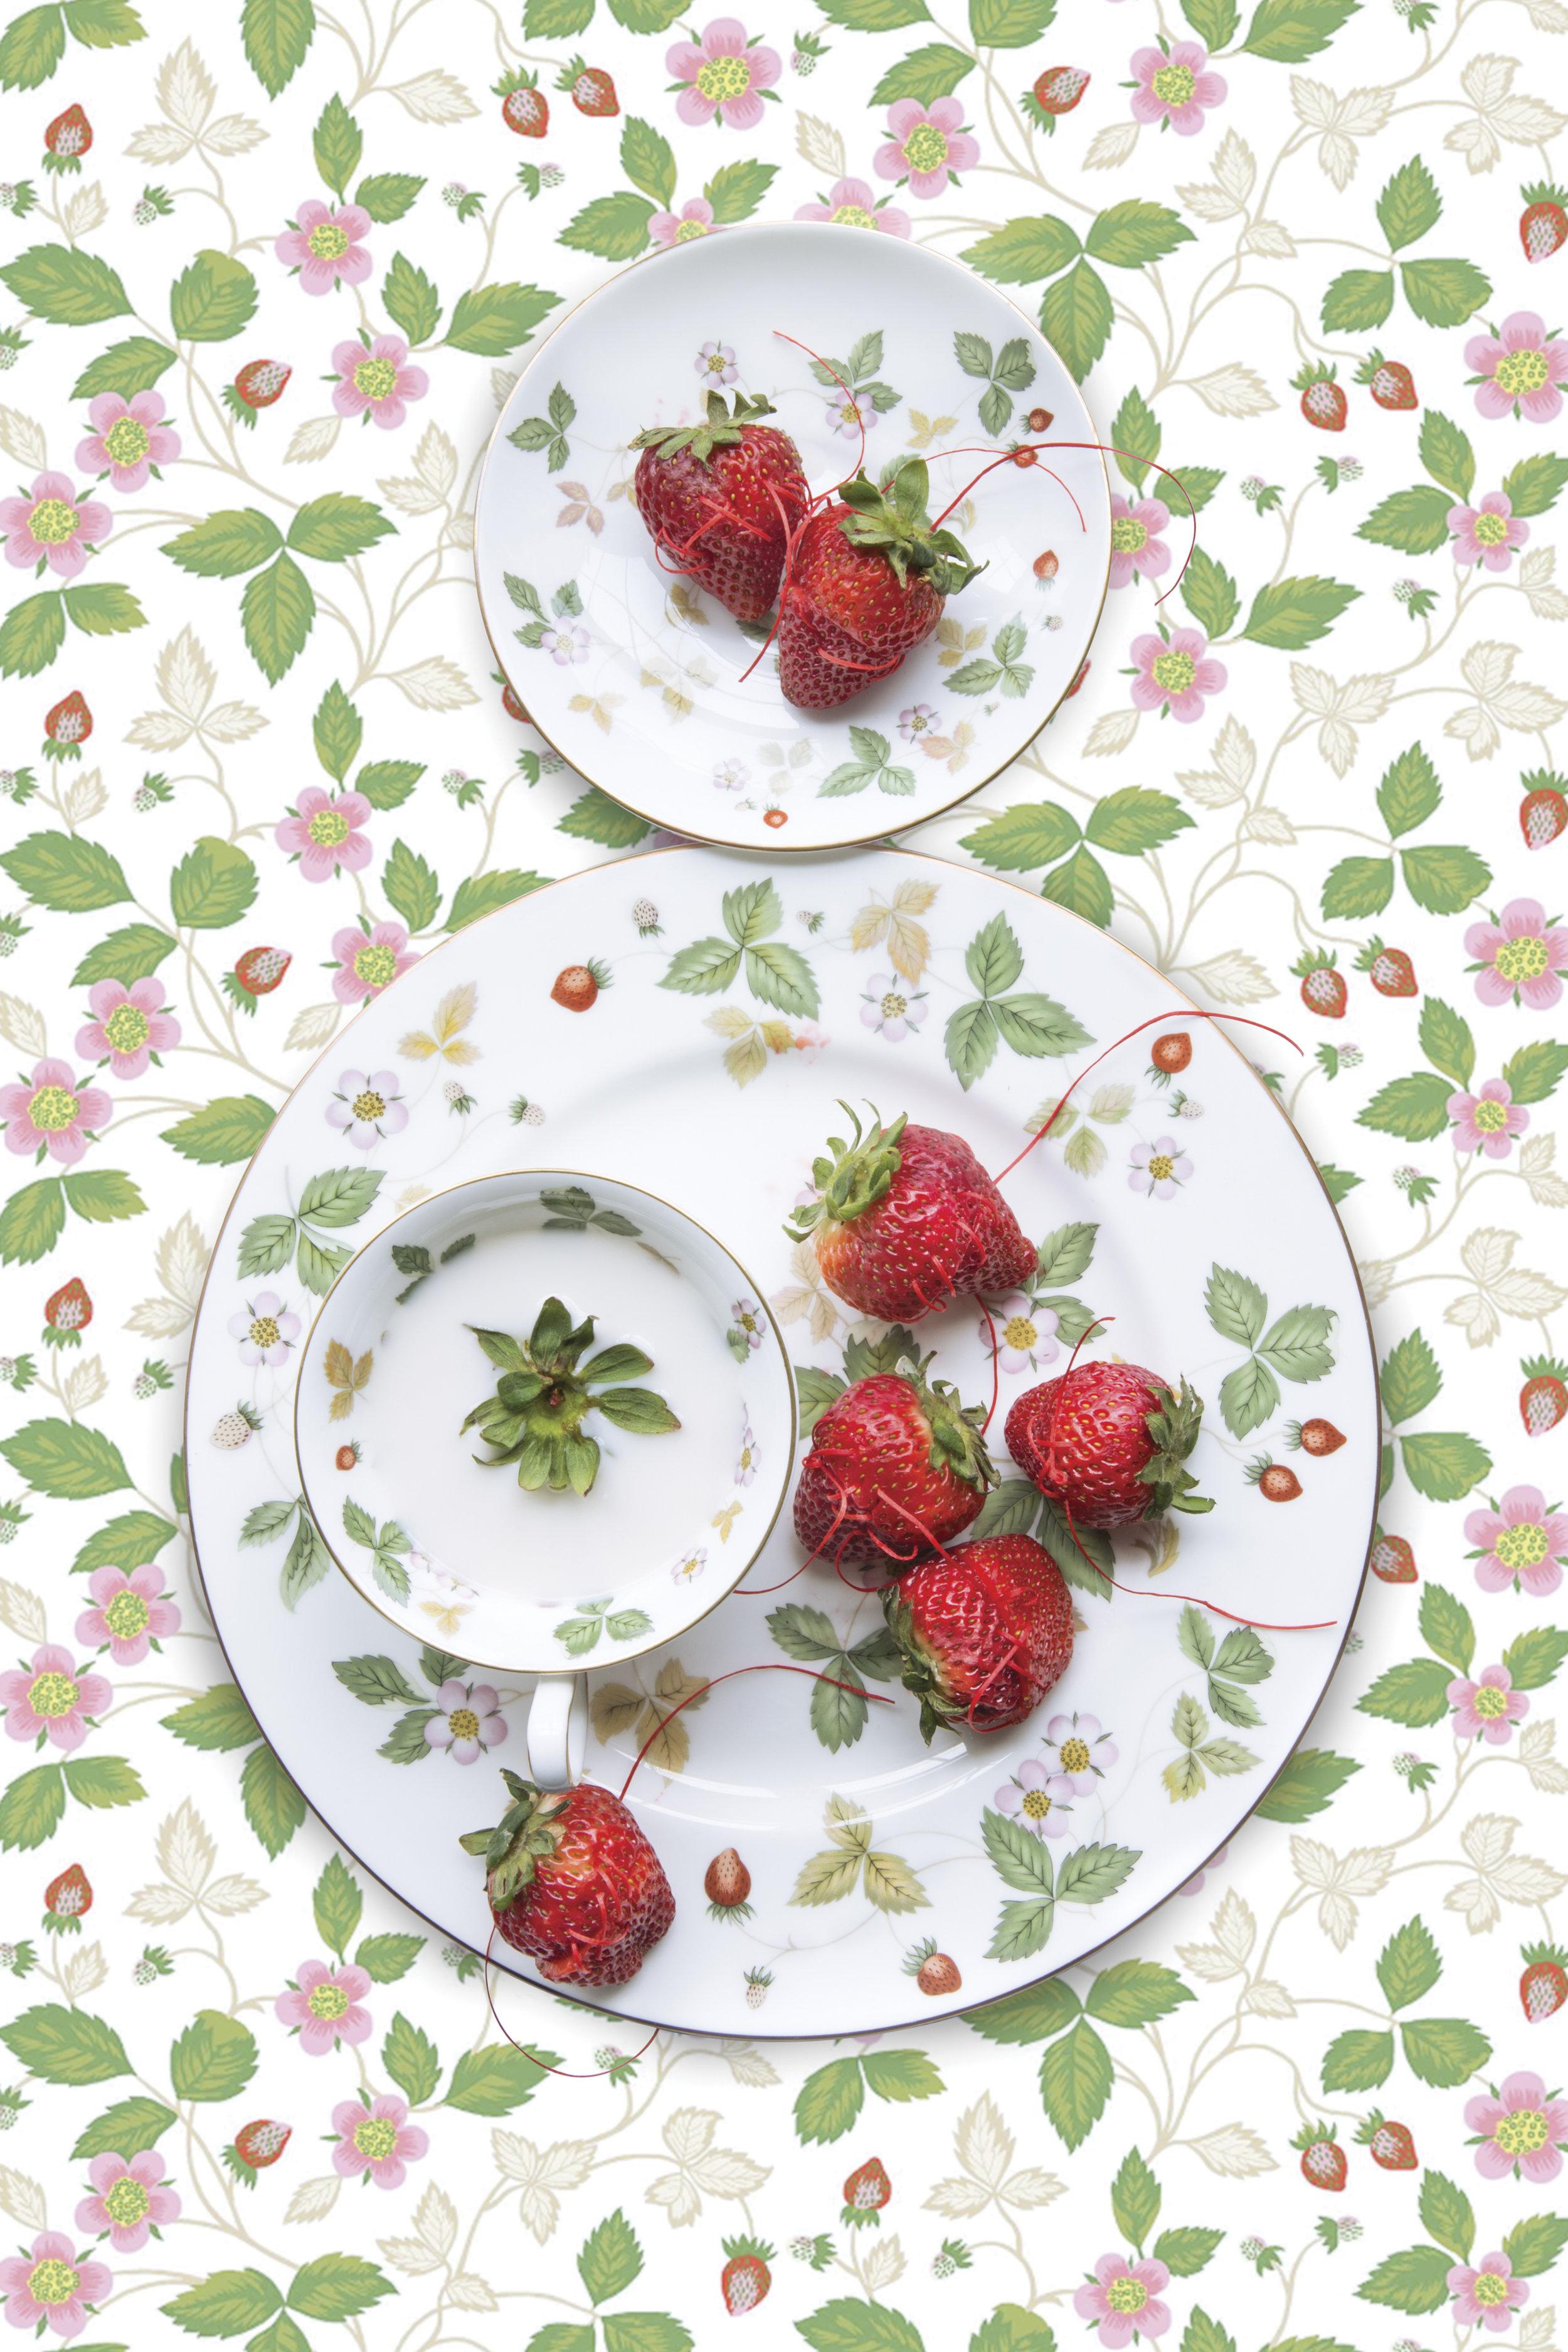 Wedgwood Wild Strawberry with Strawberry, 2019